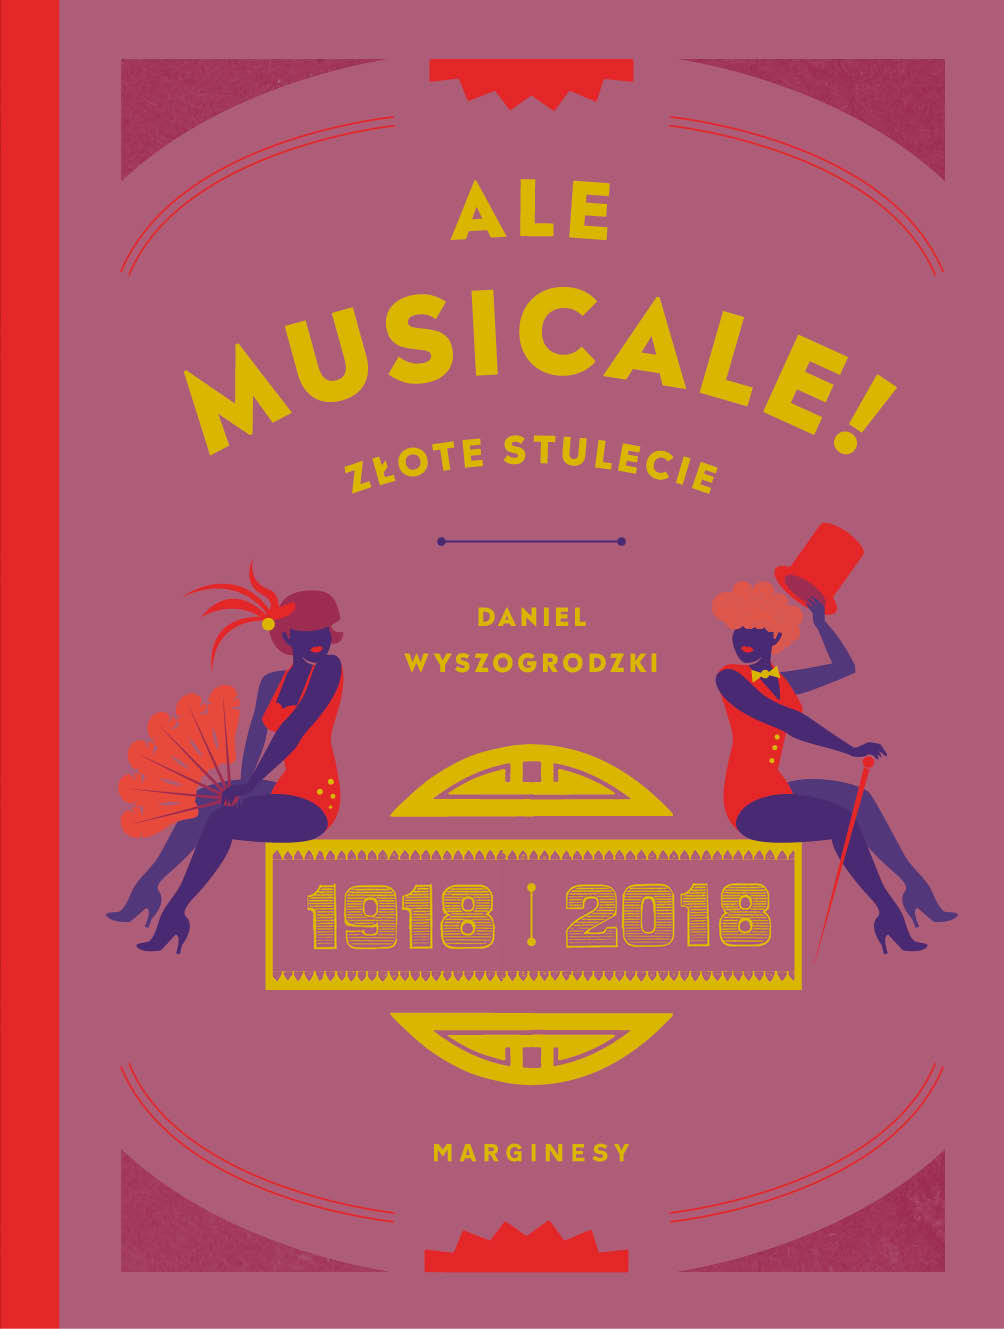 """Daniel Wyszogrodzki """"Ale musicale! Złote stulecie 1918-2018"""" (źródło: materiały prasowe organizatora)"""